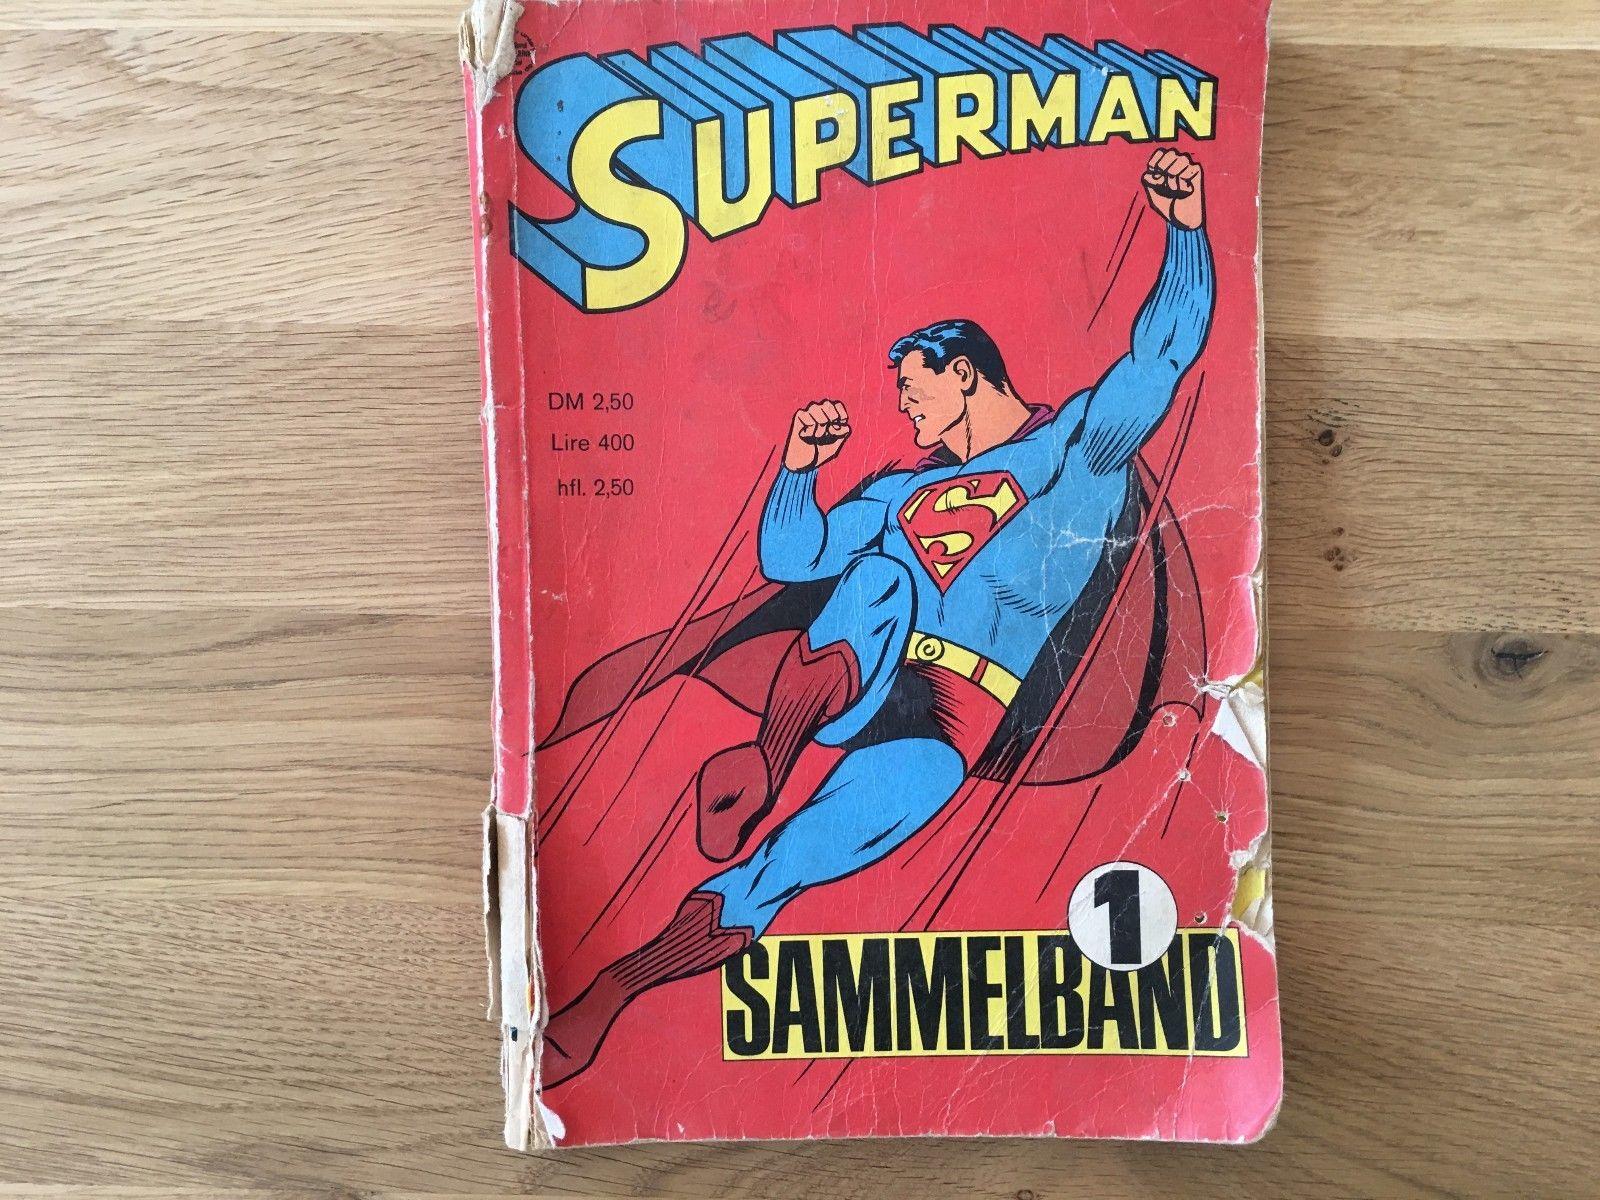 Superman SAMMELBAND # 1 mit Heft 1, 2, 3, 4 von 1966 Ehapa